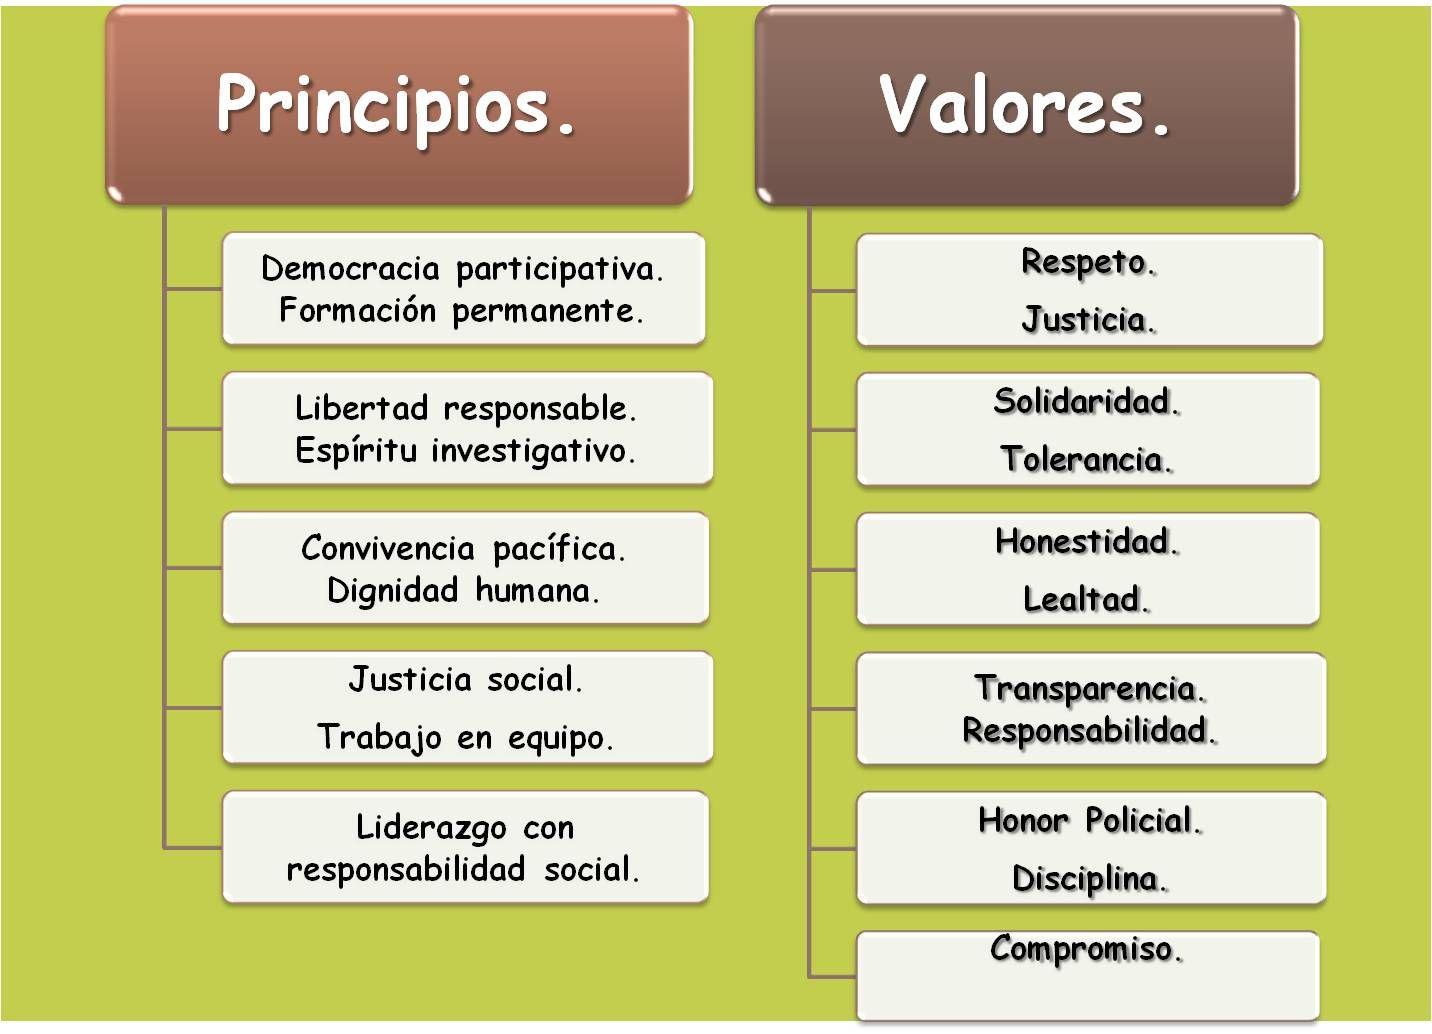 Principios y valores. | LOS VALORES & LAS VIRTUDES | Pinterest